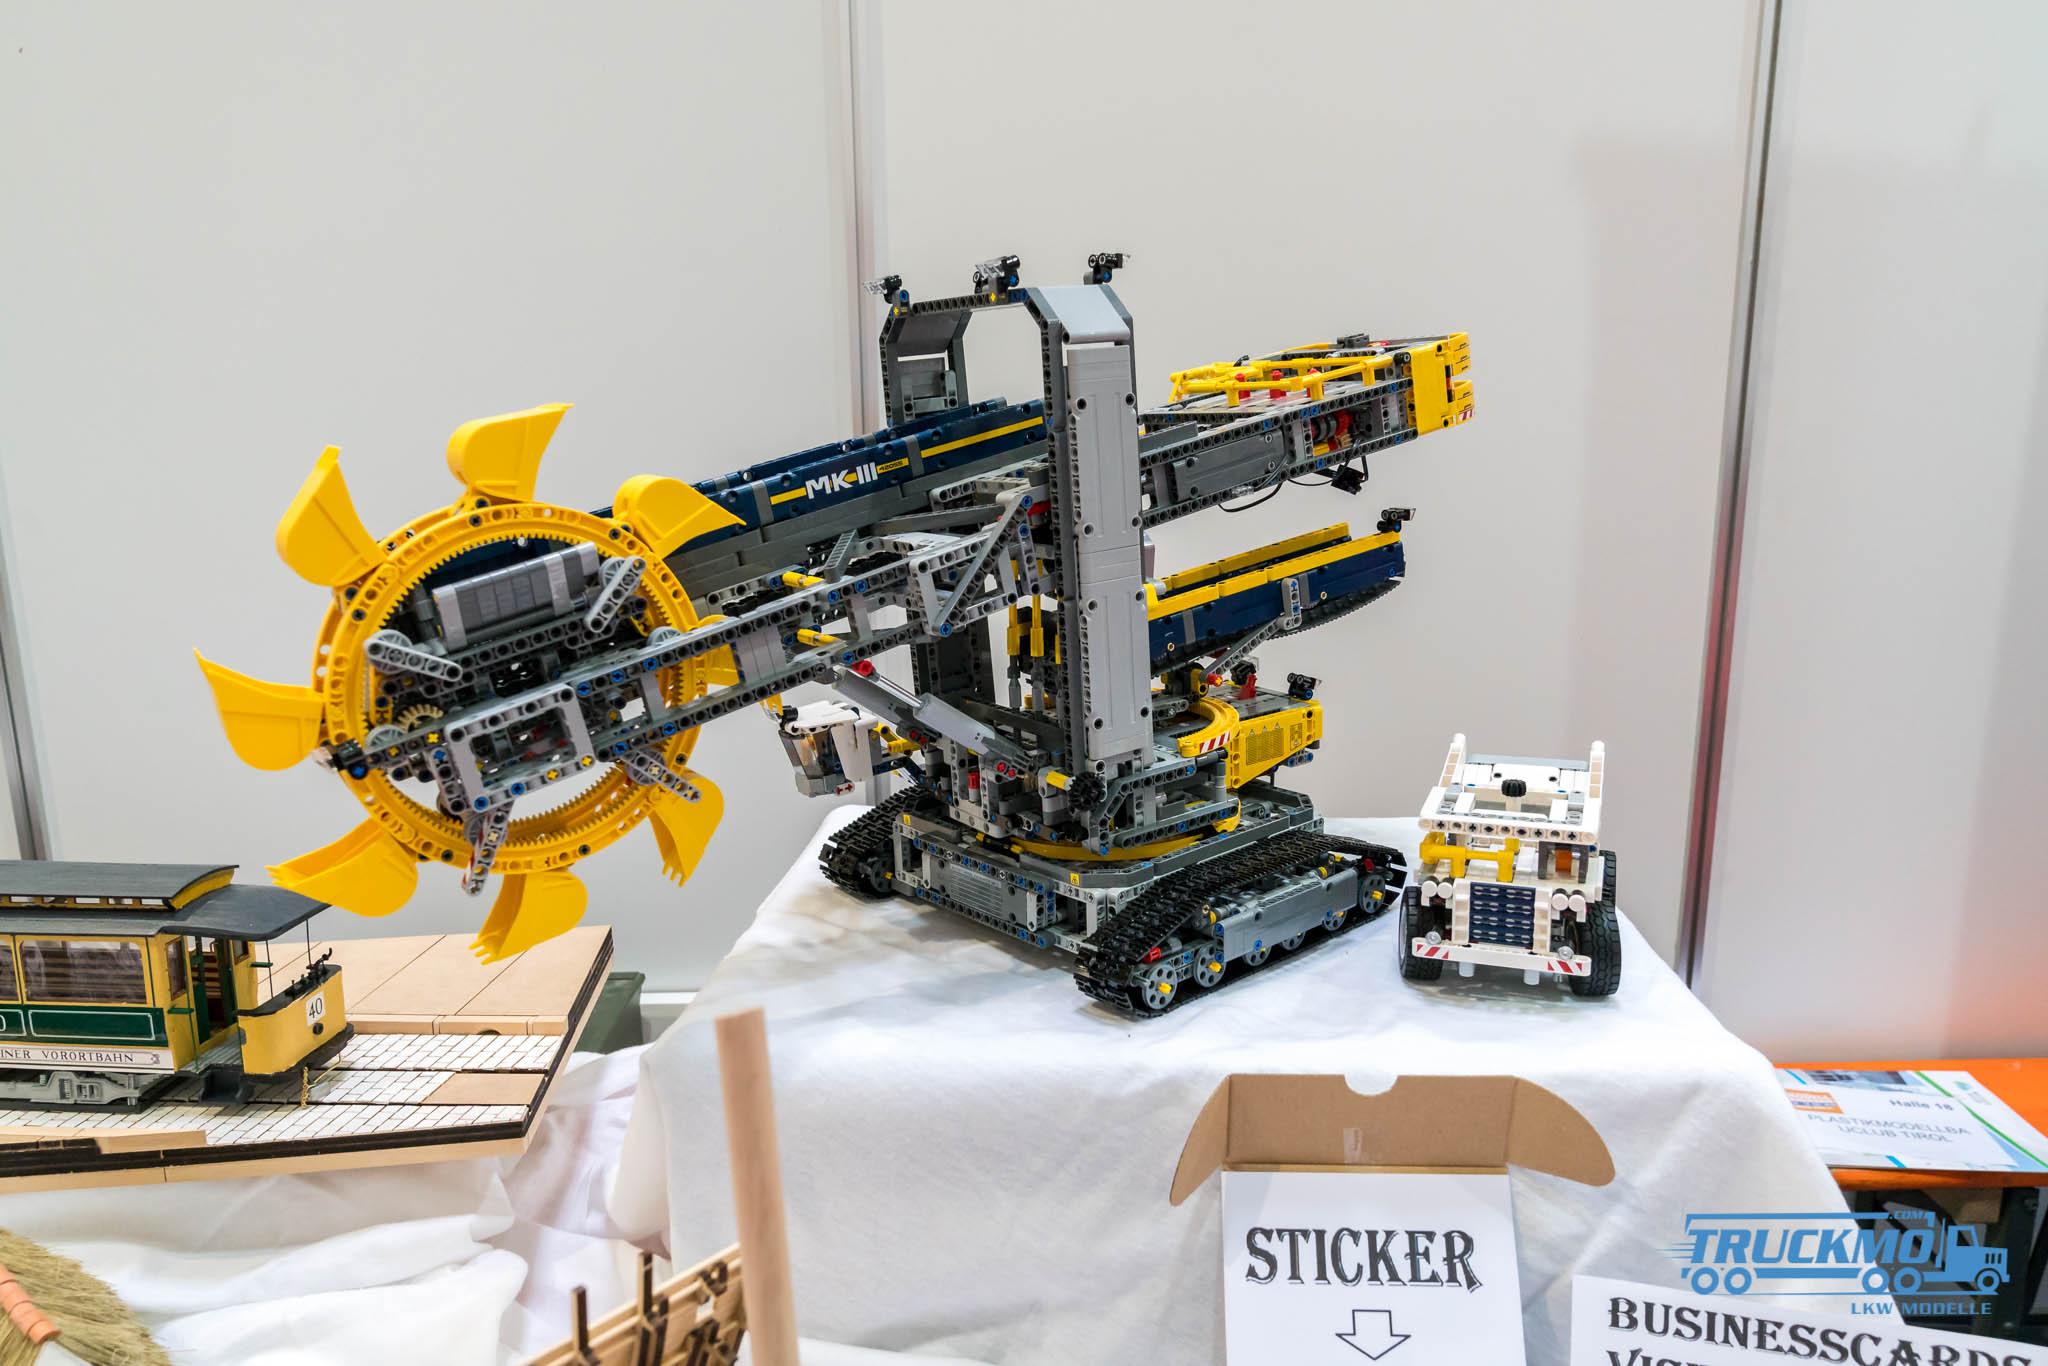 Truckmo_Modellbau_Ried_2017_Herpa_Messe_Modellbauausstellung (550 von 1177)